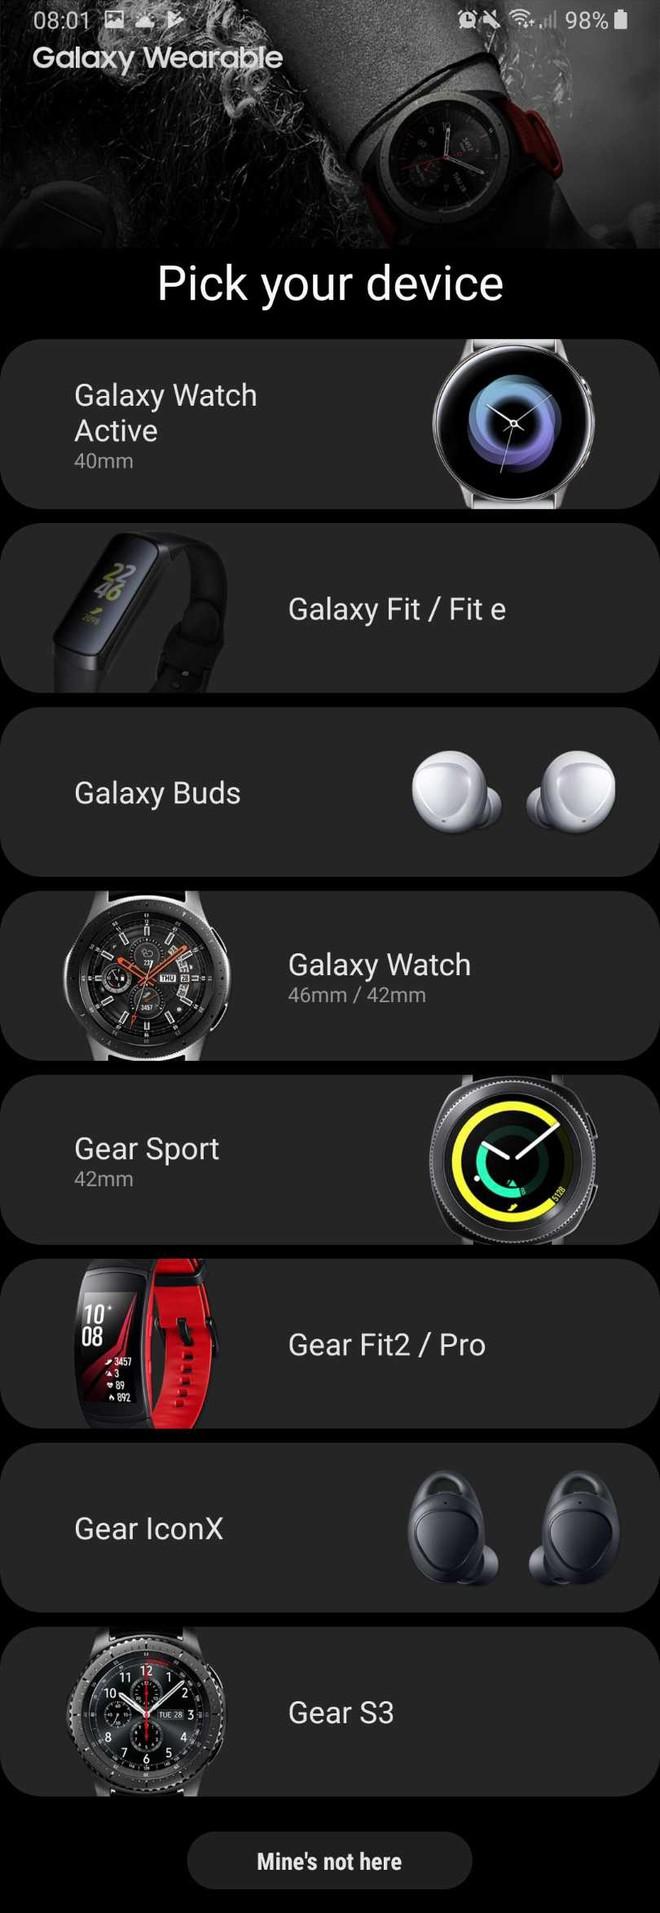 Samsung xác nhận sẽ ra mắt Galaxy Watch Active, Galaxy Fit và Galaxy Buds vào ngày 20/2 tới - Ảnh 1.